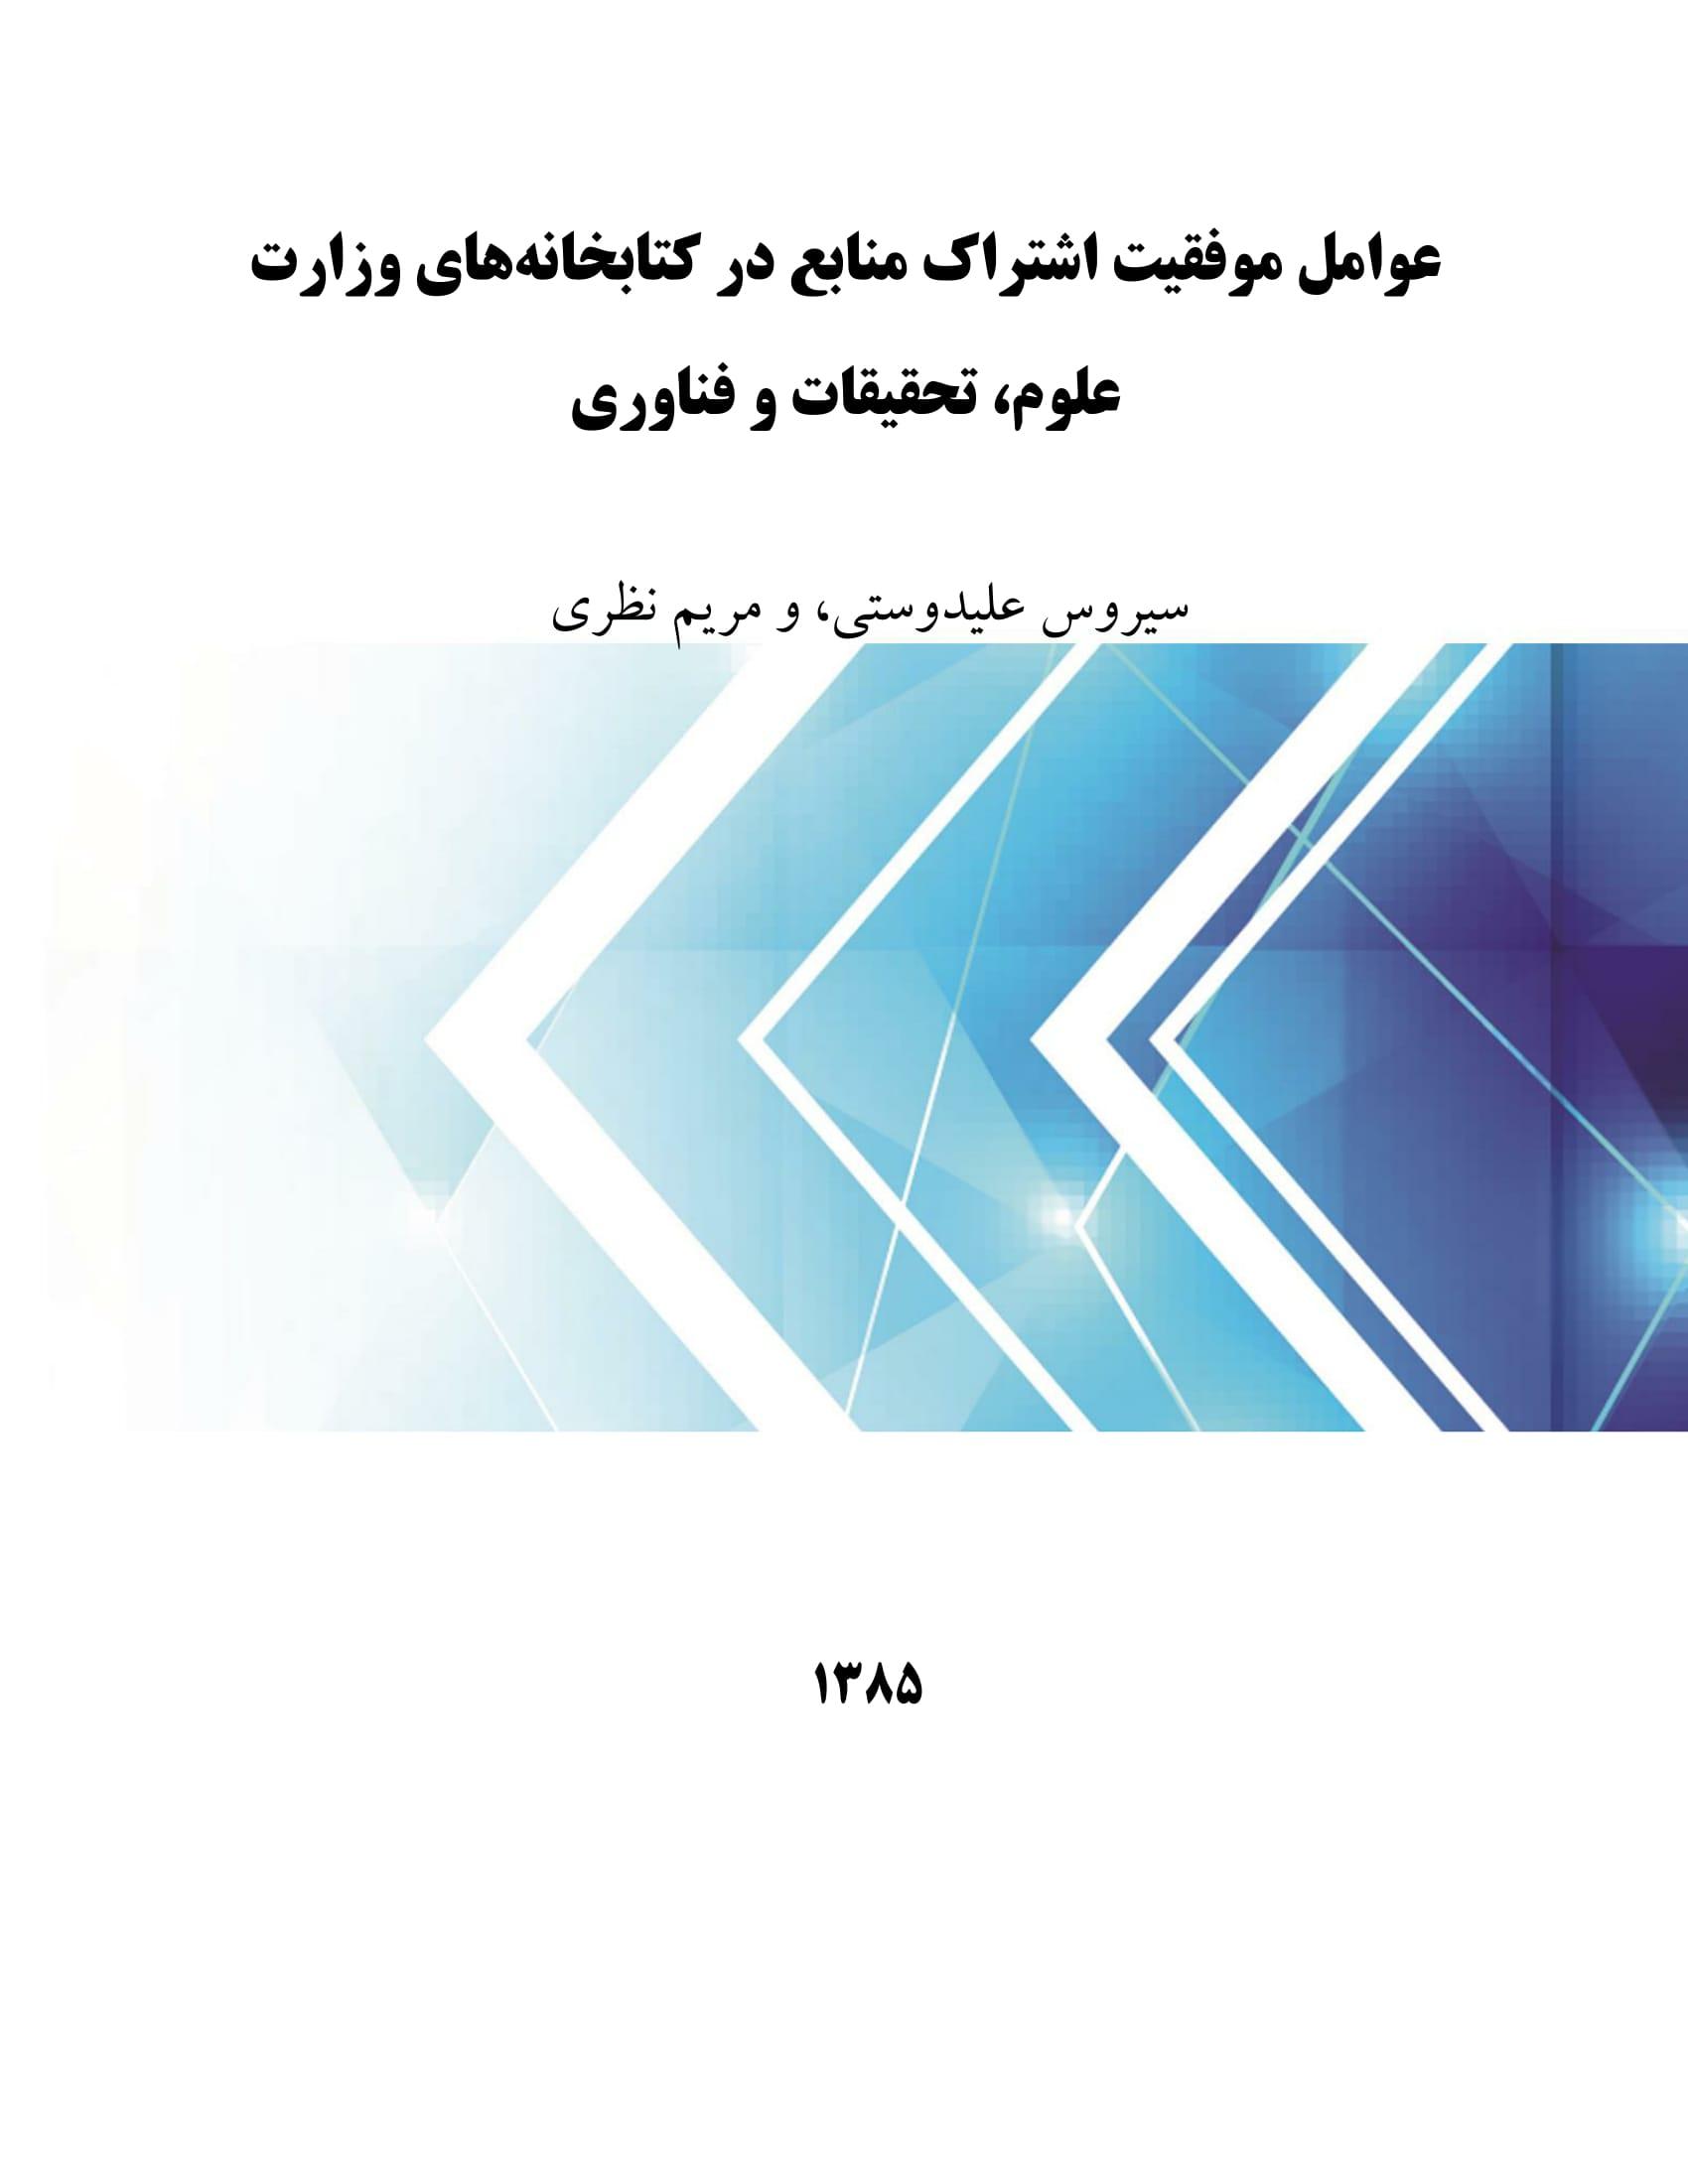 عوامل موفقیت اشتراک منابع در کتابخانههای وزارت علوم، تحقیقات و فناوری